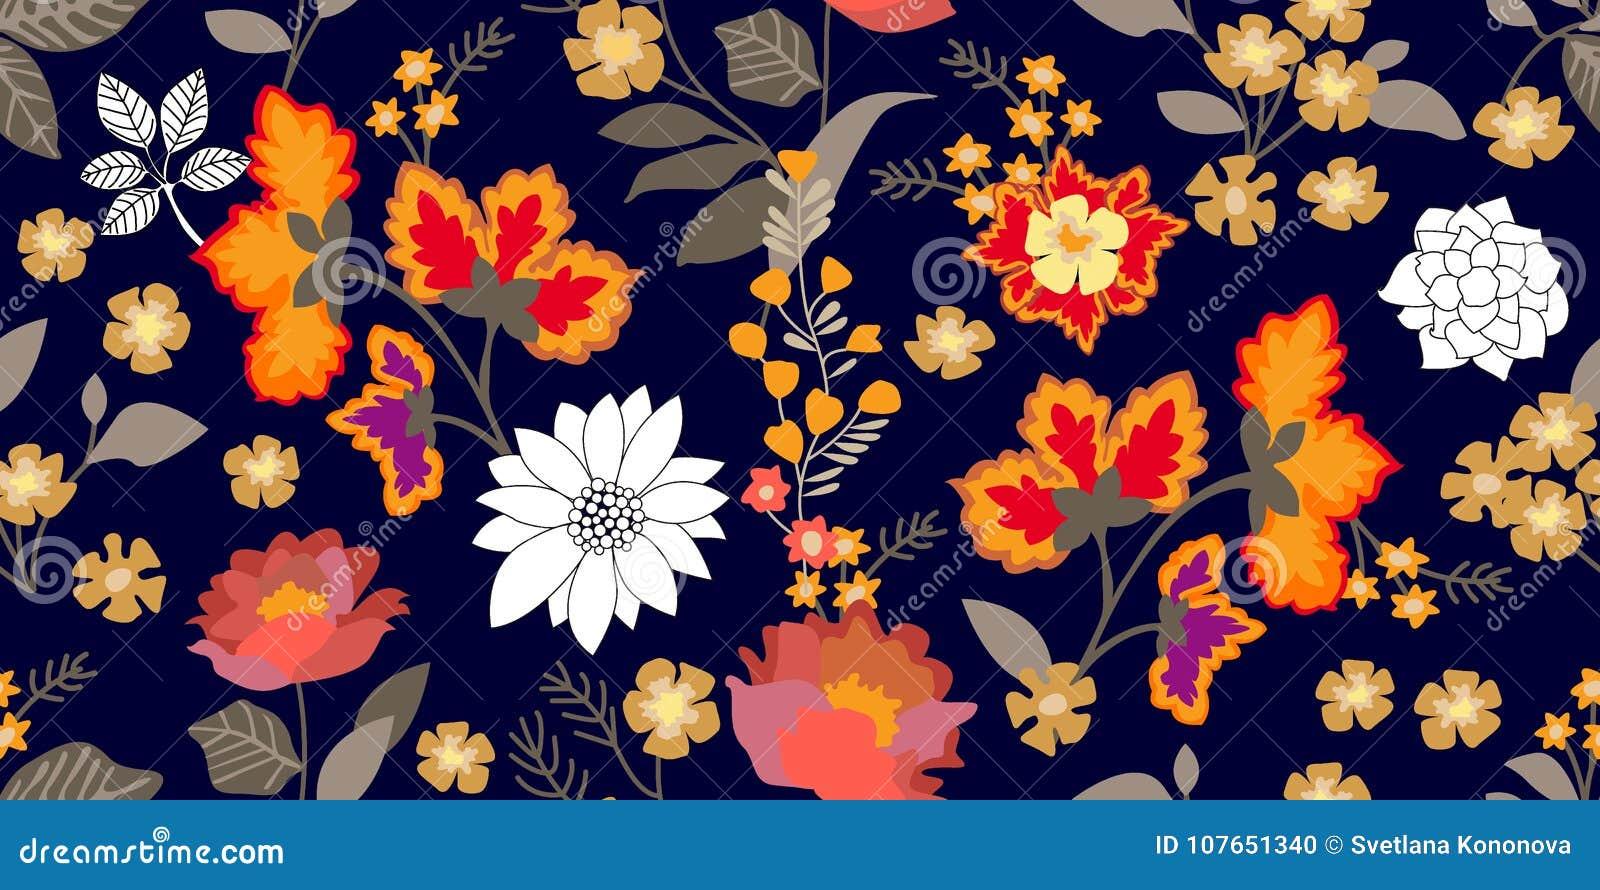 民间艺术样式边界 与开花的花和灰色叶子的无缝的花卉样式